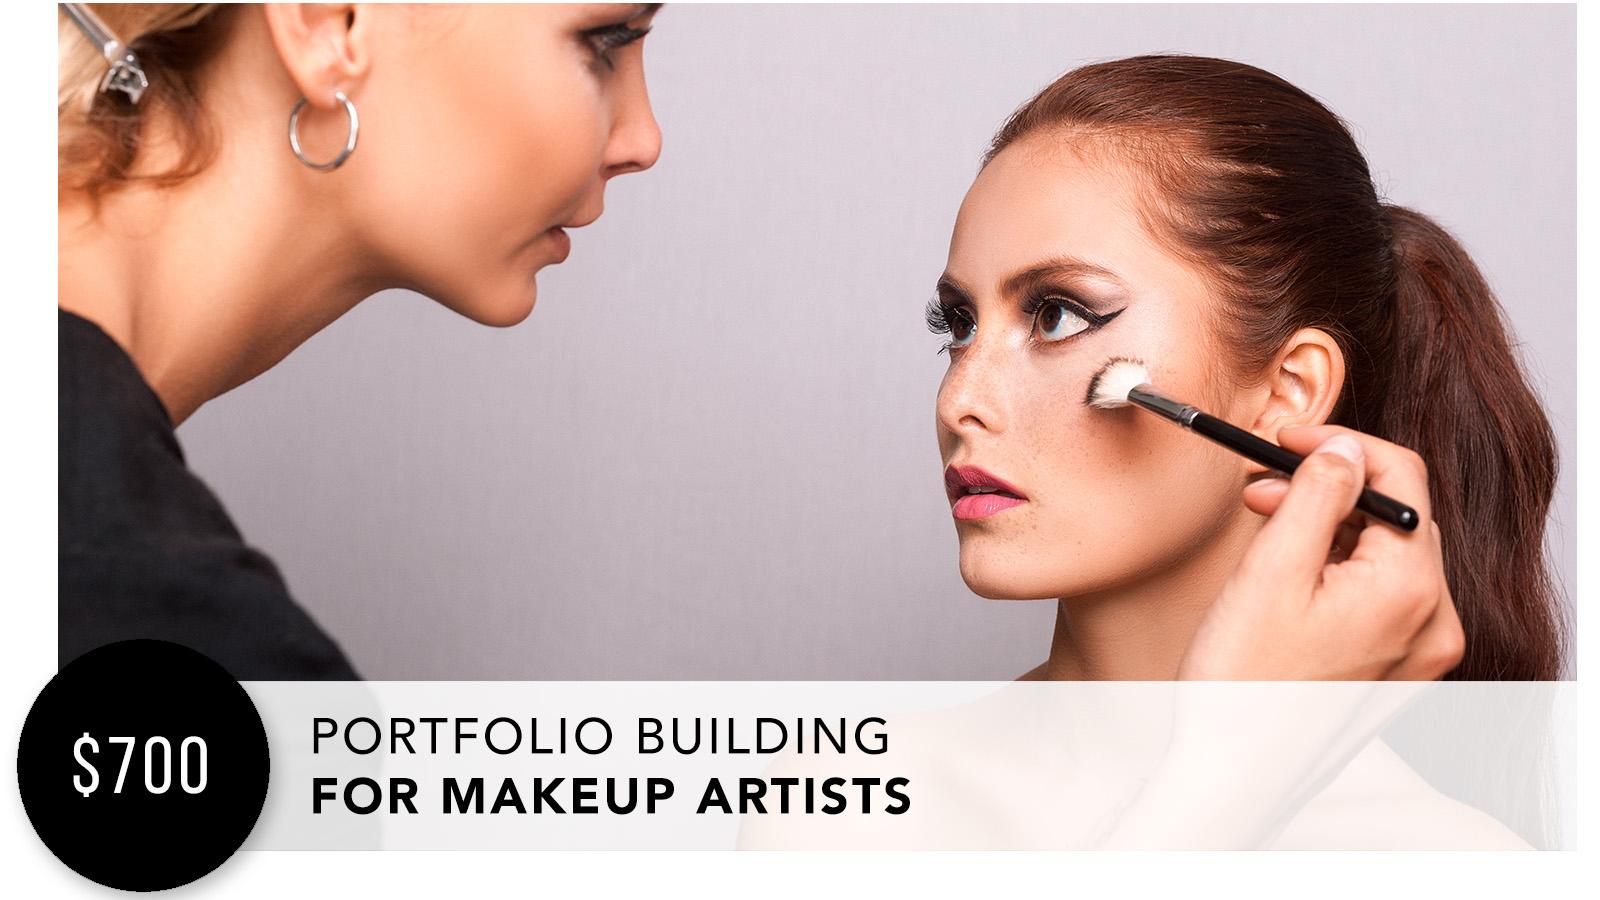 portfolio-building-for-makeup-artists-nina-mua.jpg